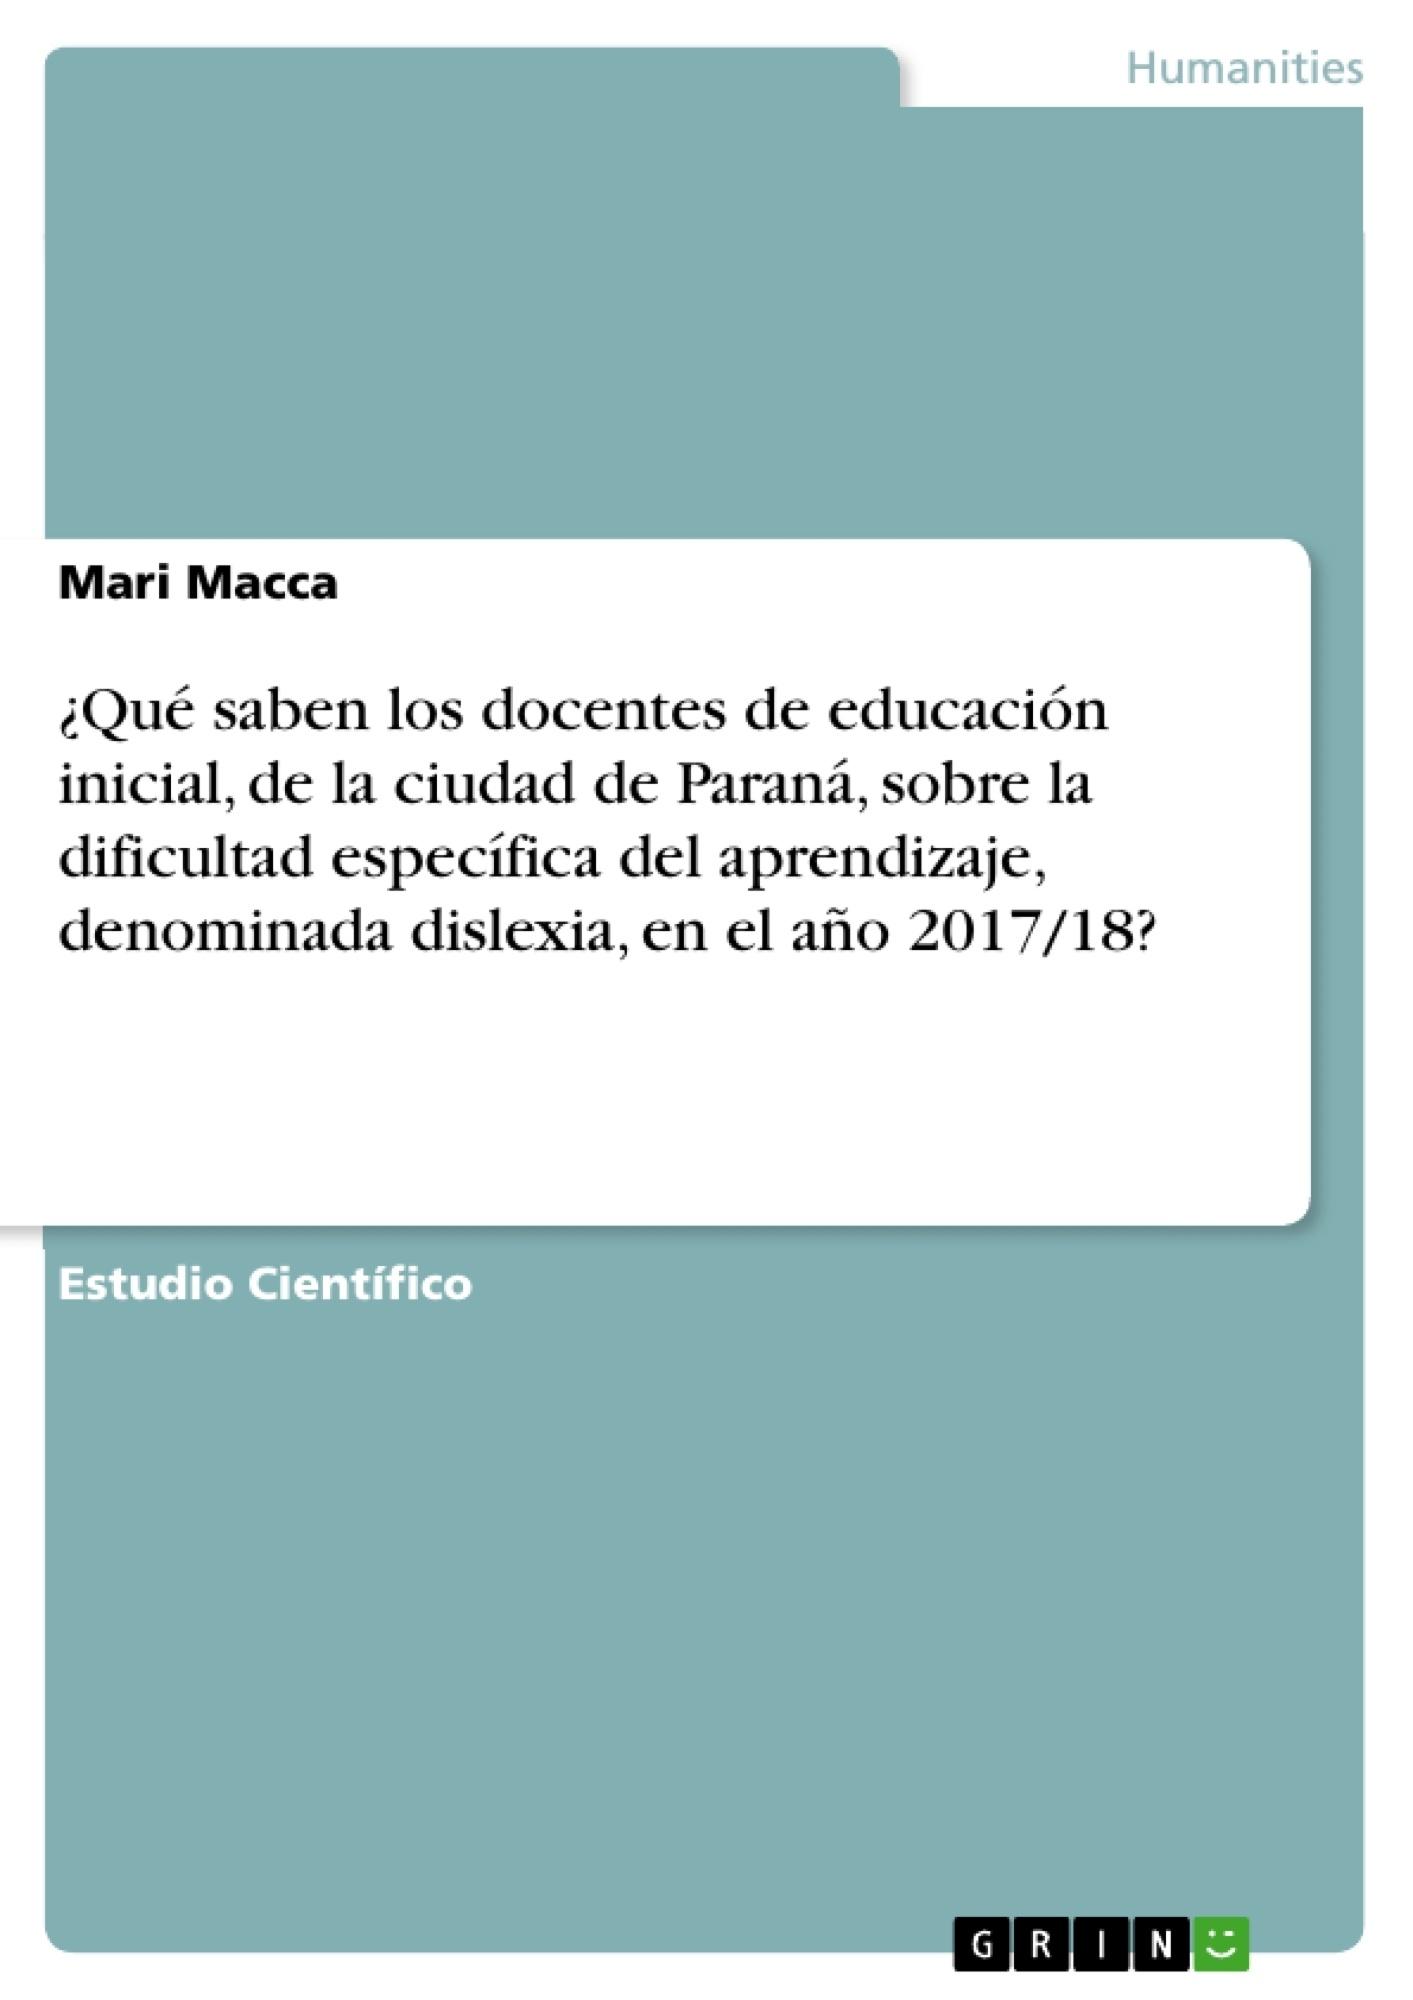 Título: ¿Qué saben los docentes de educación inicial, de la ciudad de Paraná, sobre la dificultad específica del aprendizaje, denominada dislexia, en el año 2017/18?